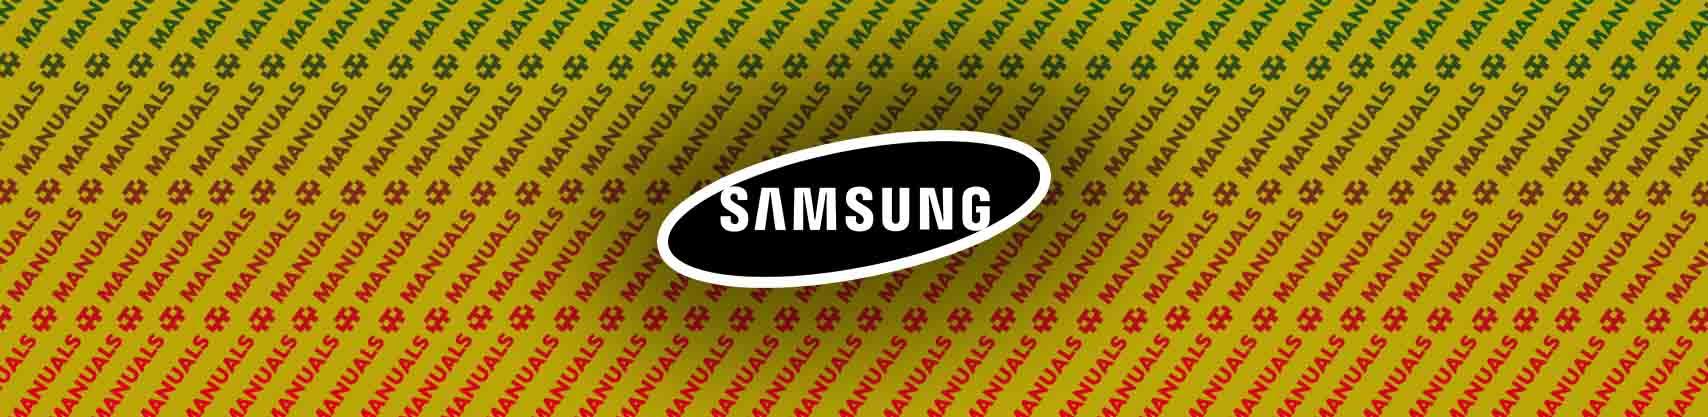 Samsung Convoy 4 Manual